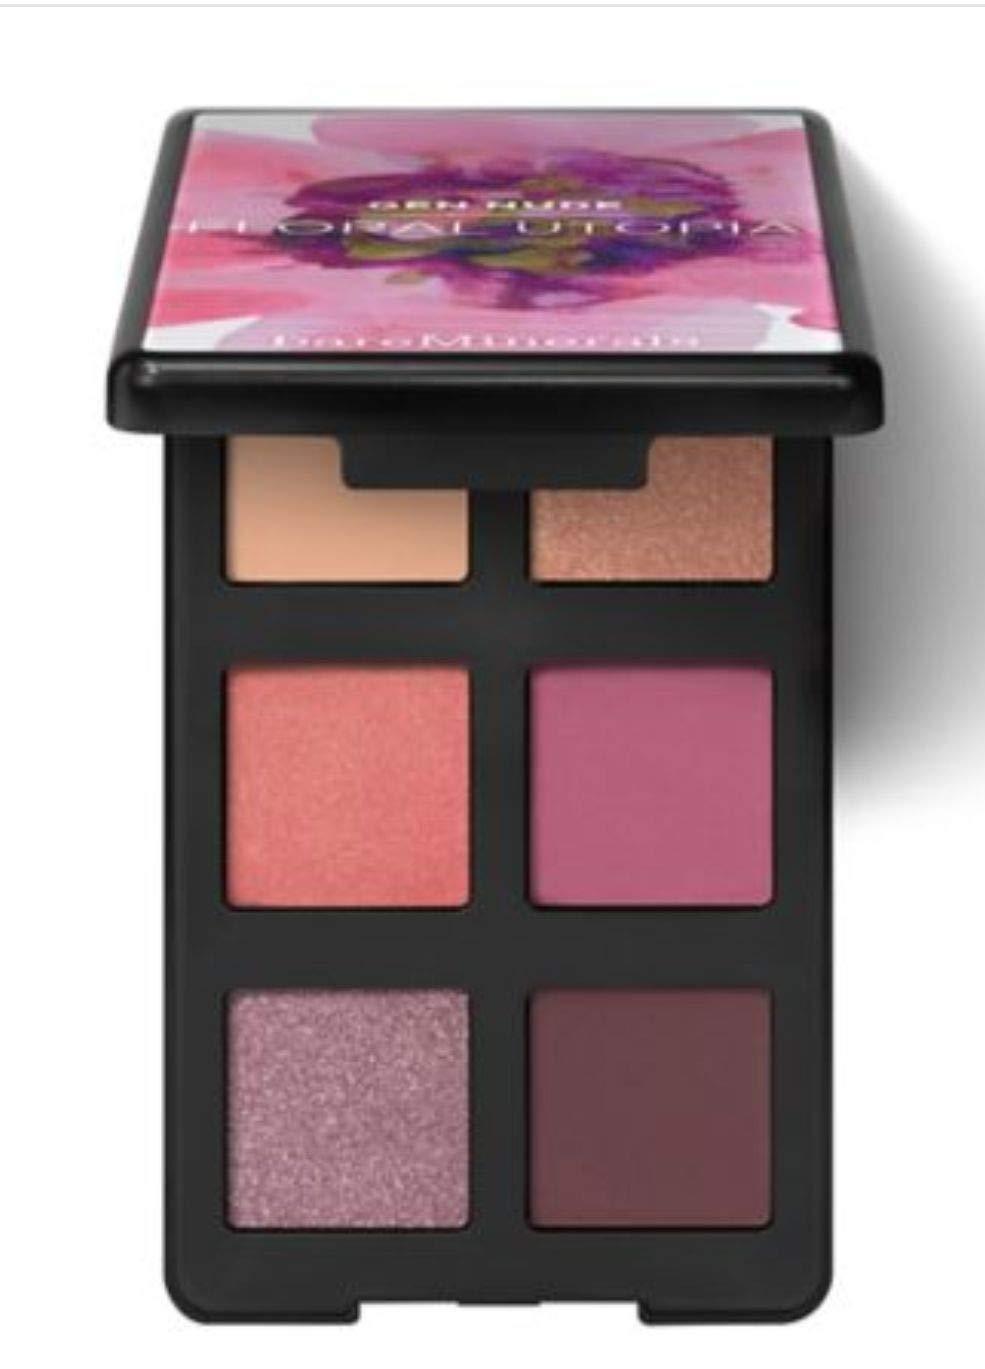 Floral Utopia Gen Nude Eyeshadow Palette – Bouquet – 6.6 g / 0.18 oz